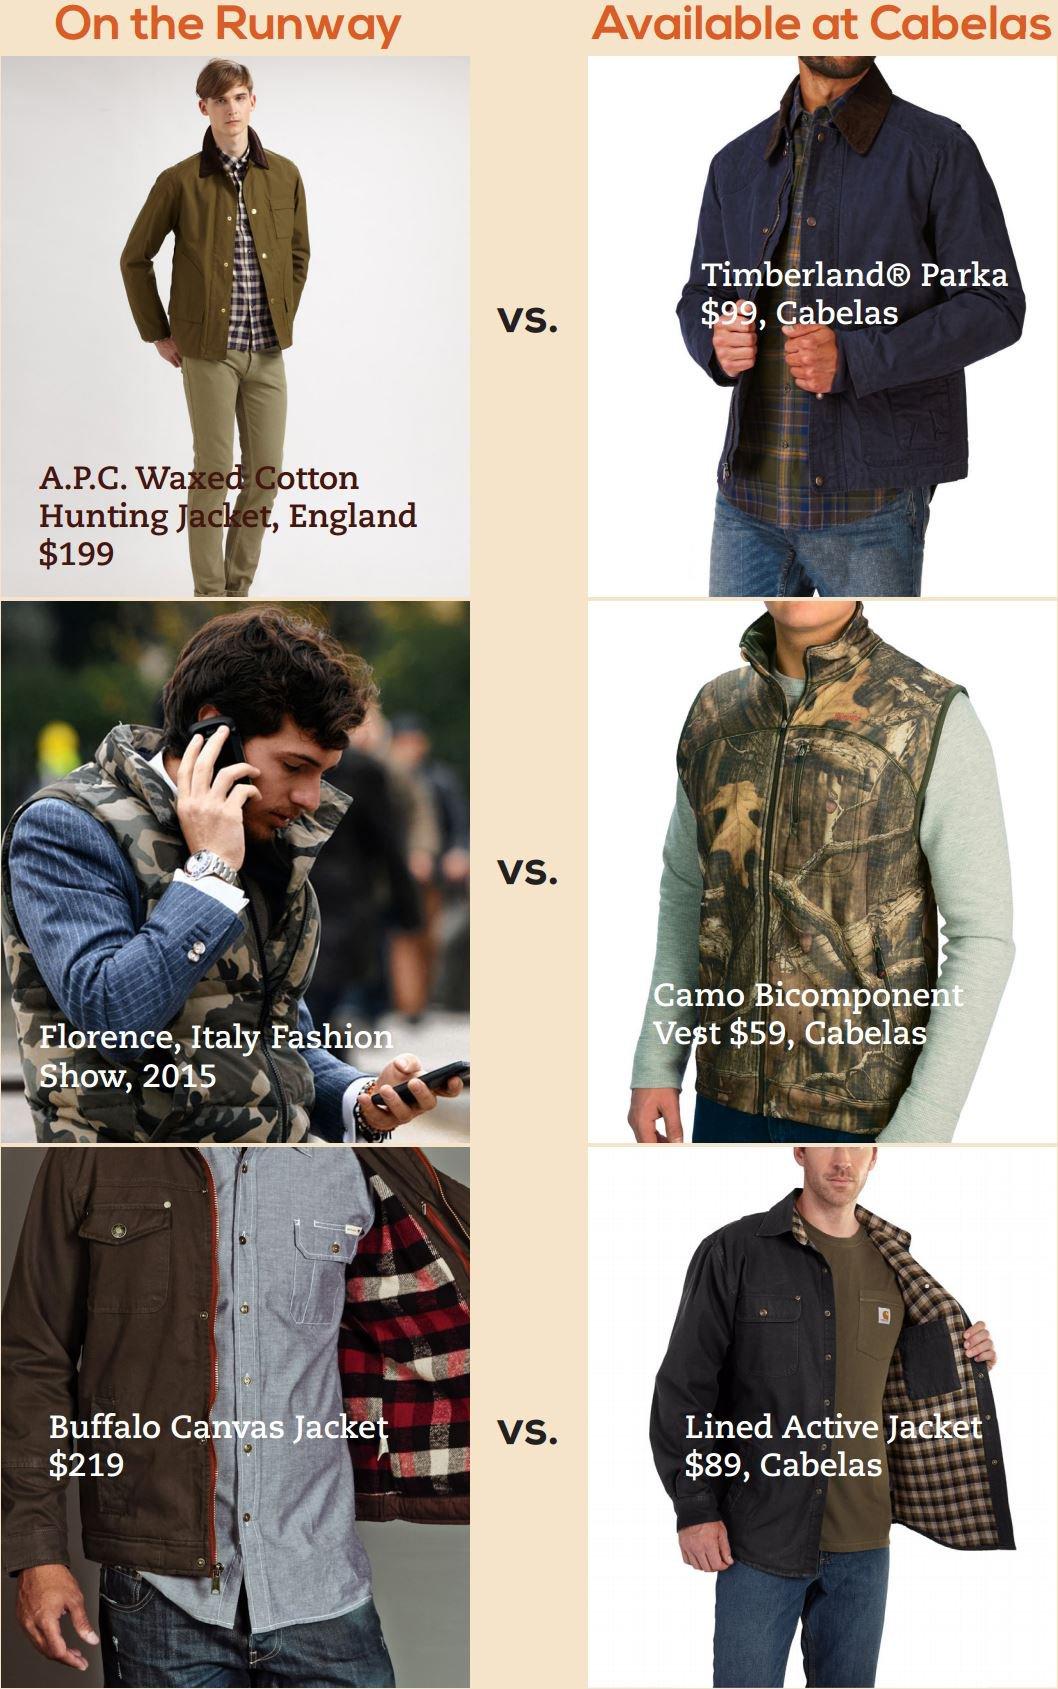 Runway fashion vs. Cabelas fashion